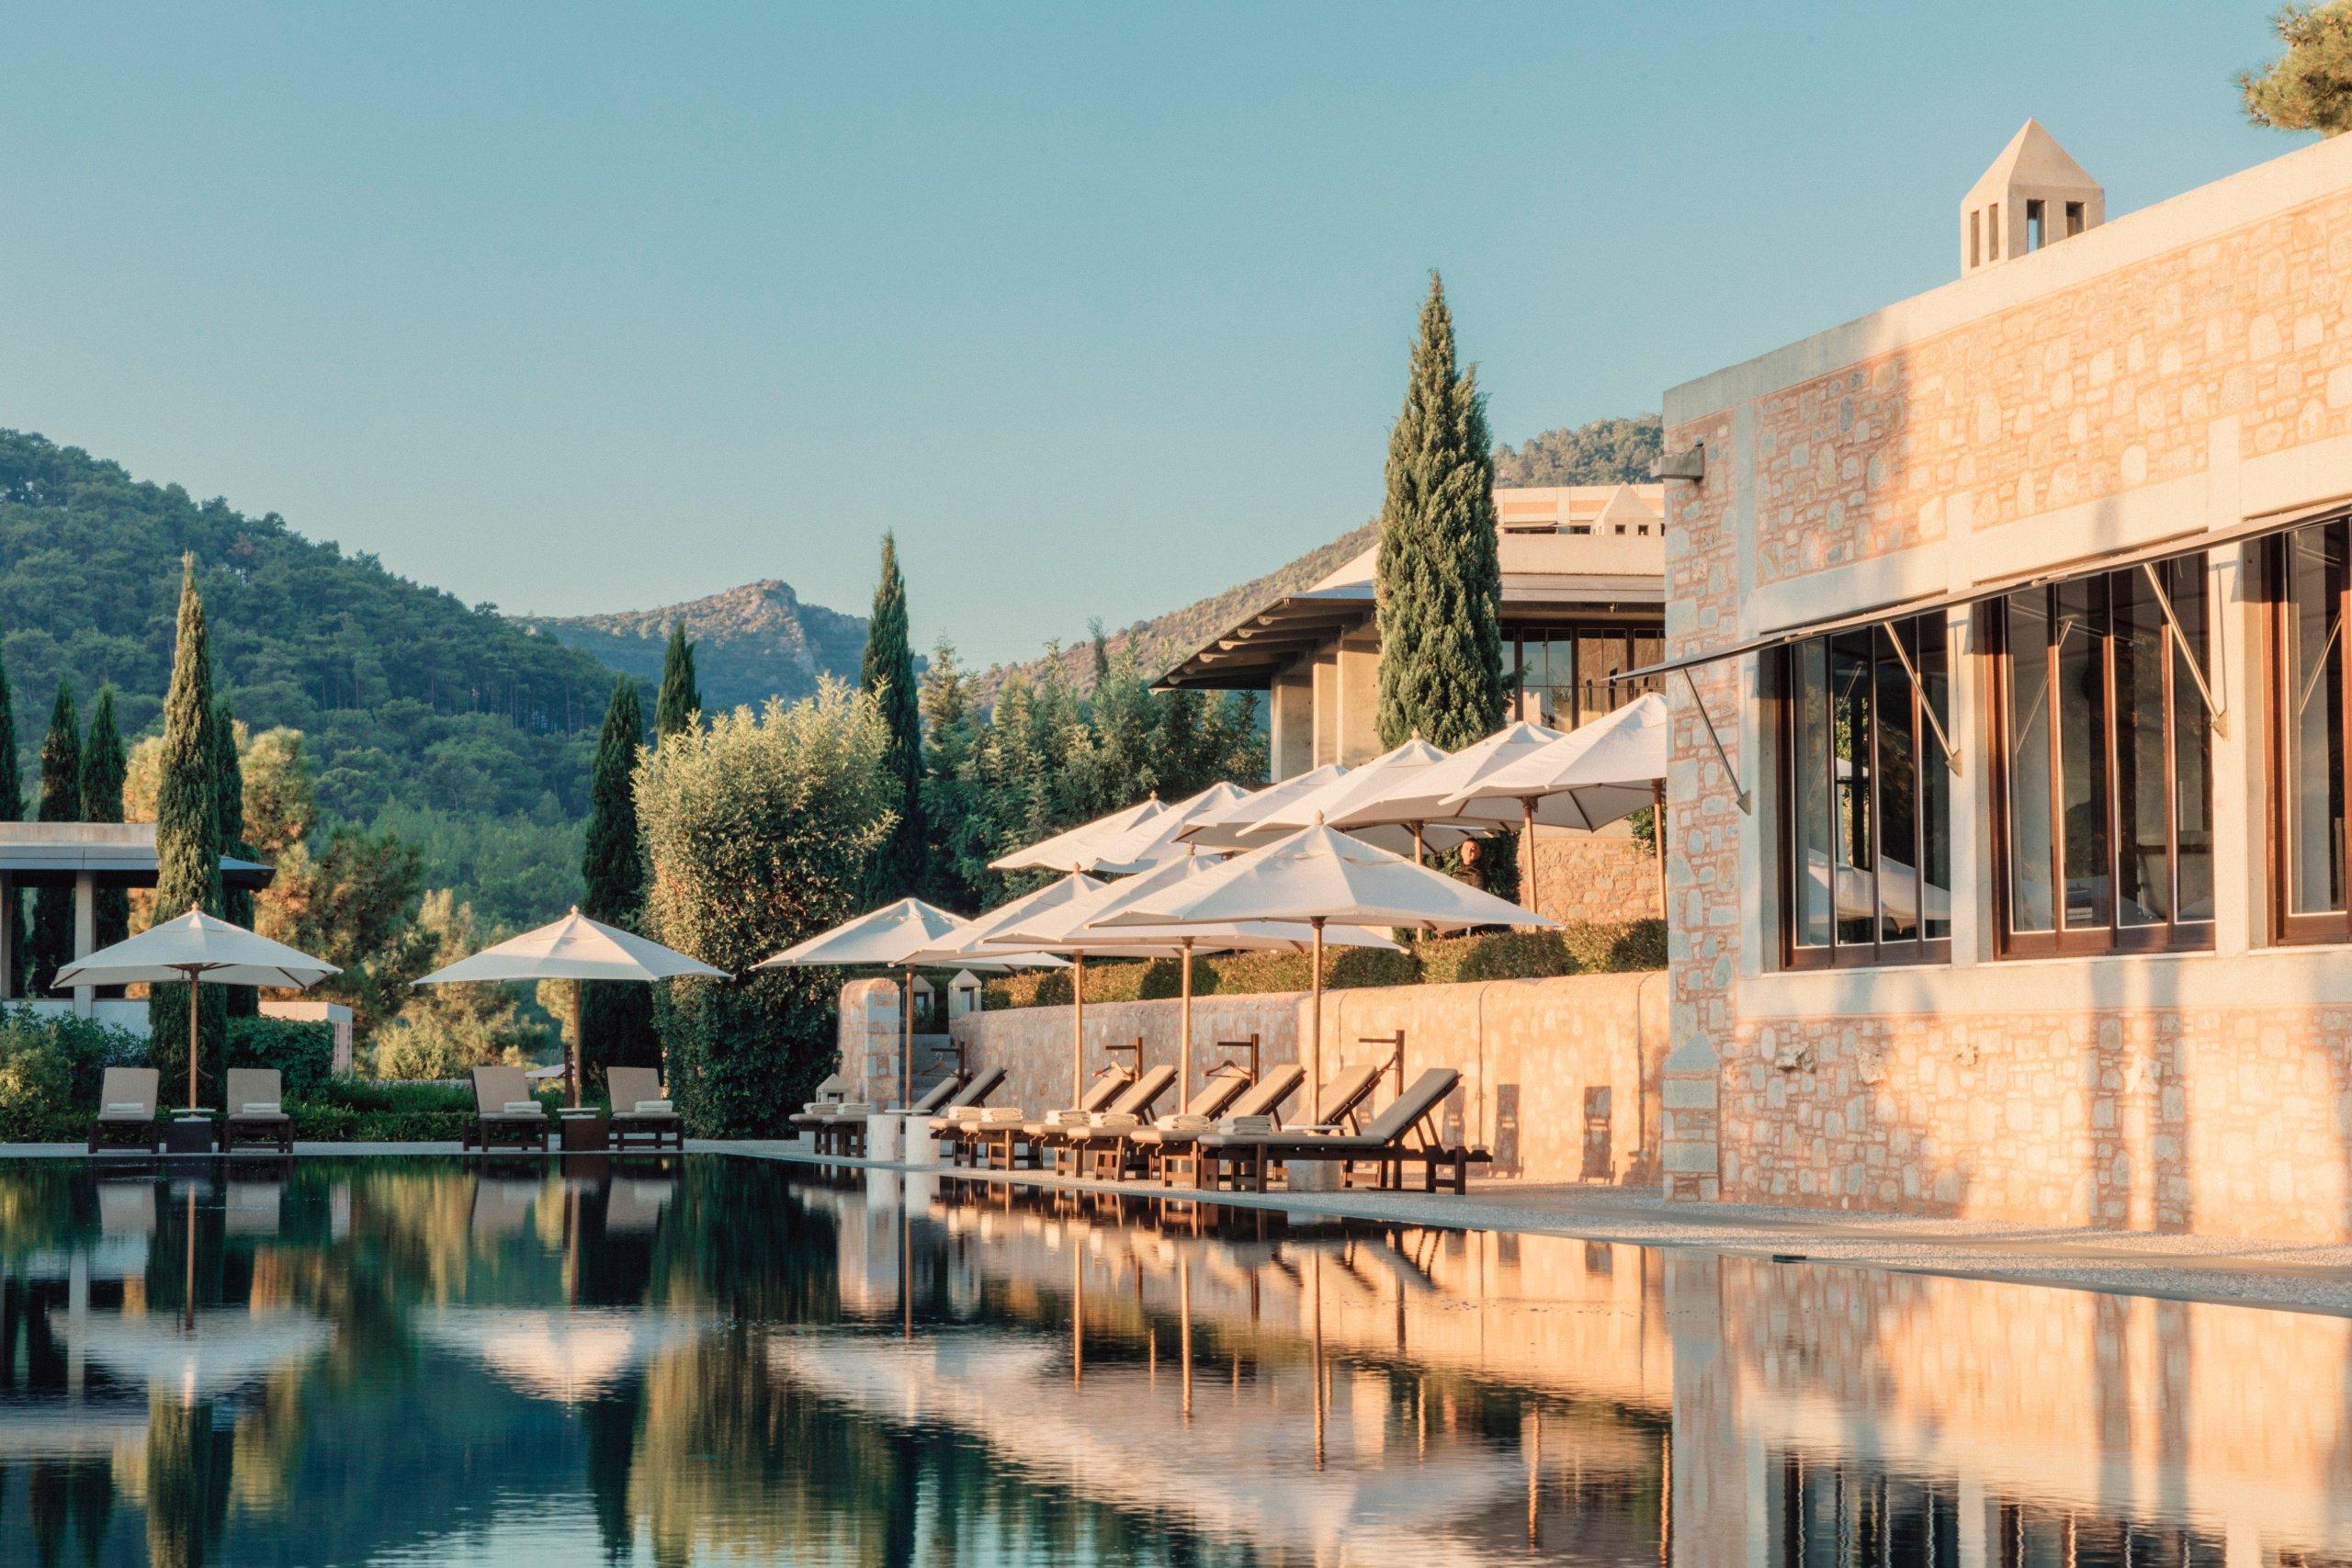 Best Hotels in Turkey: AMANRUYA, Bodrum